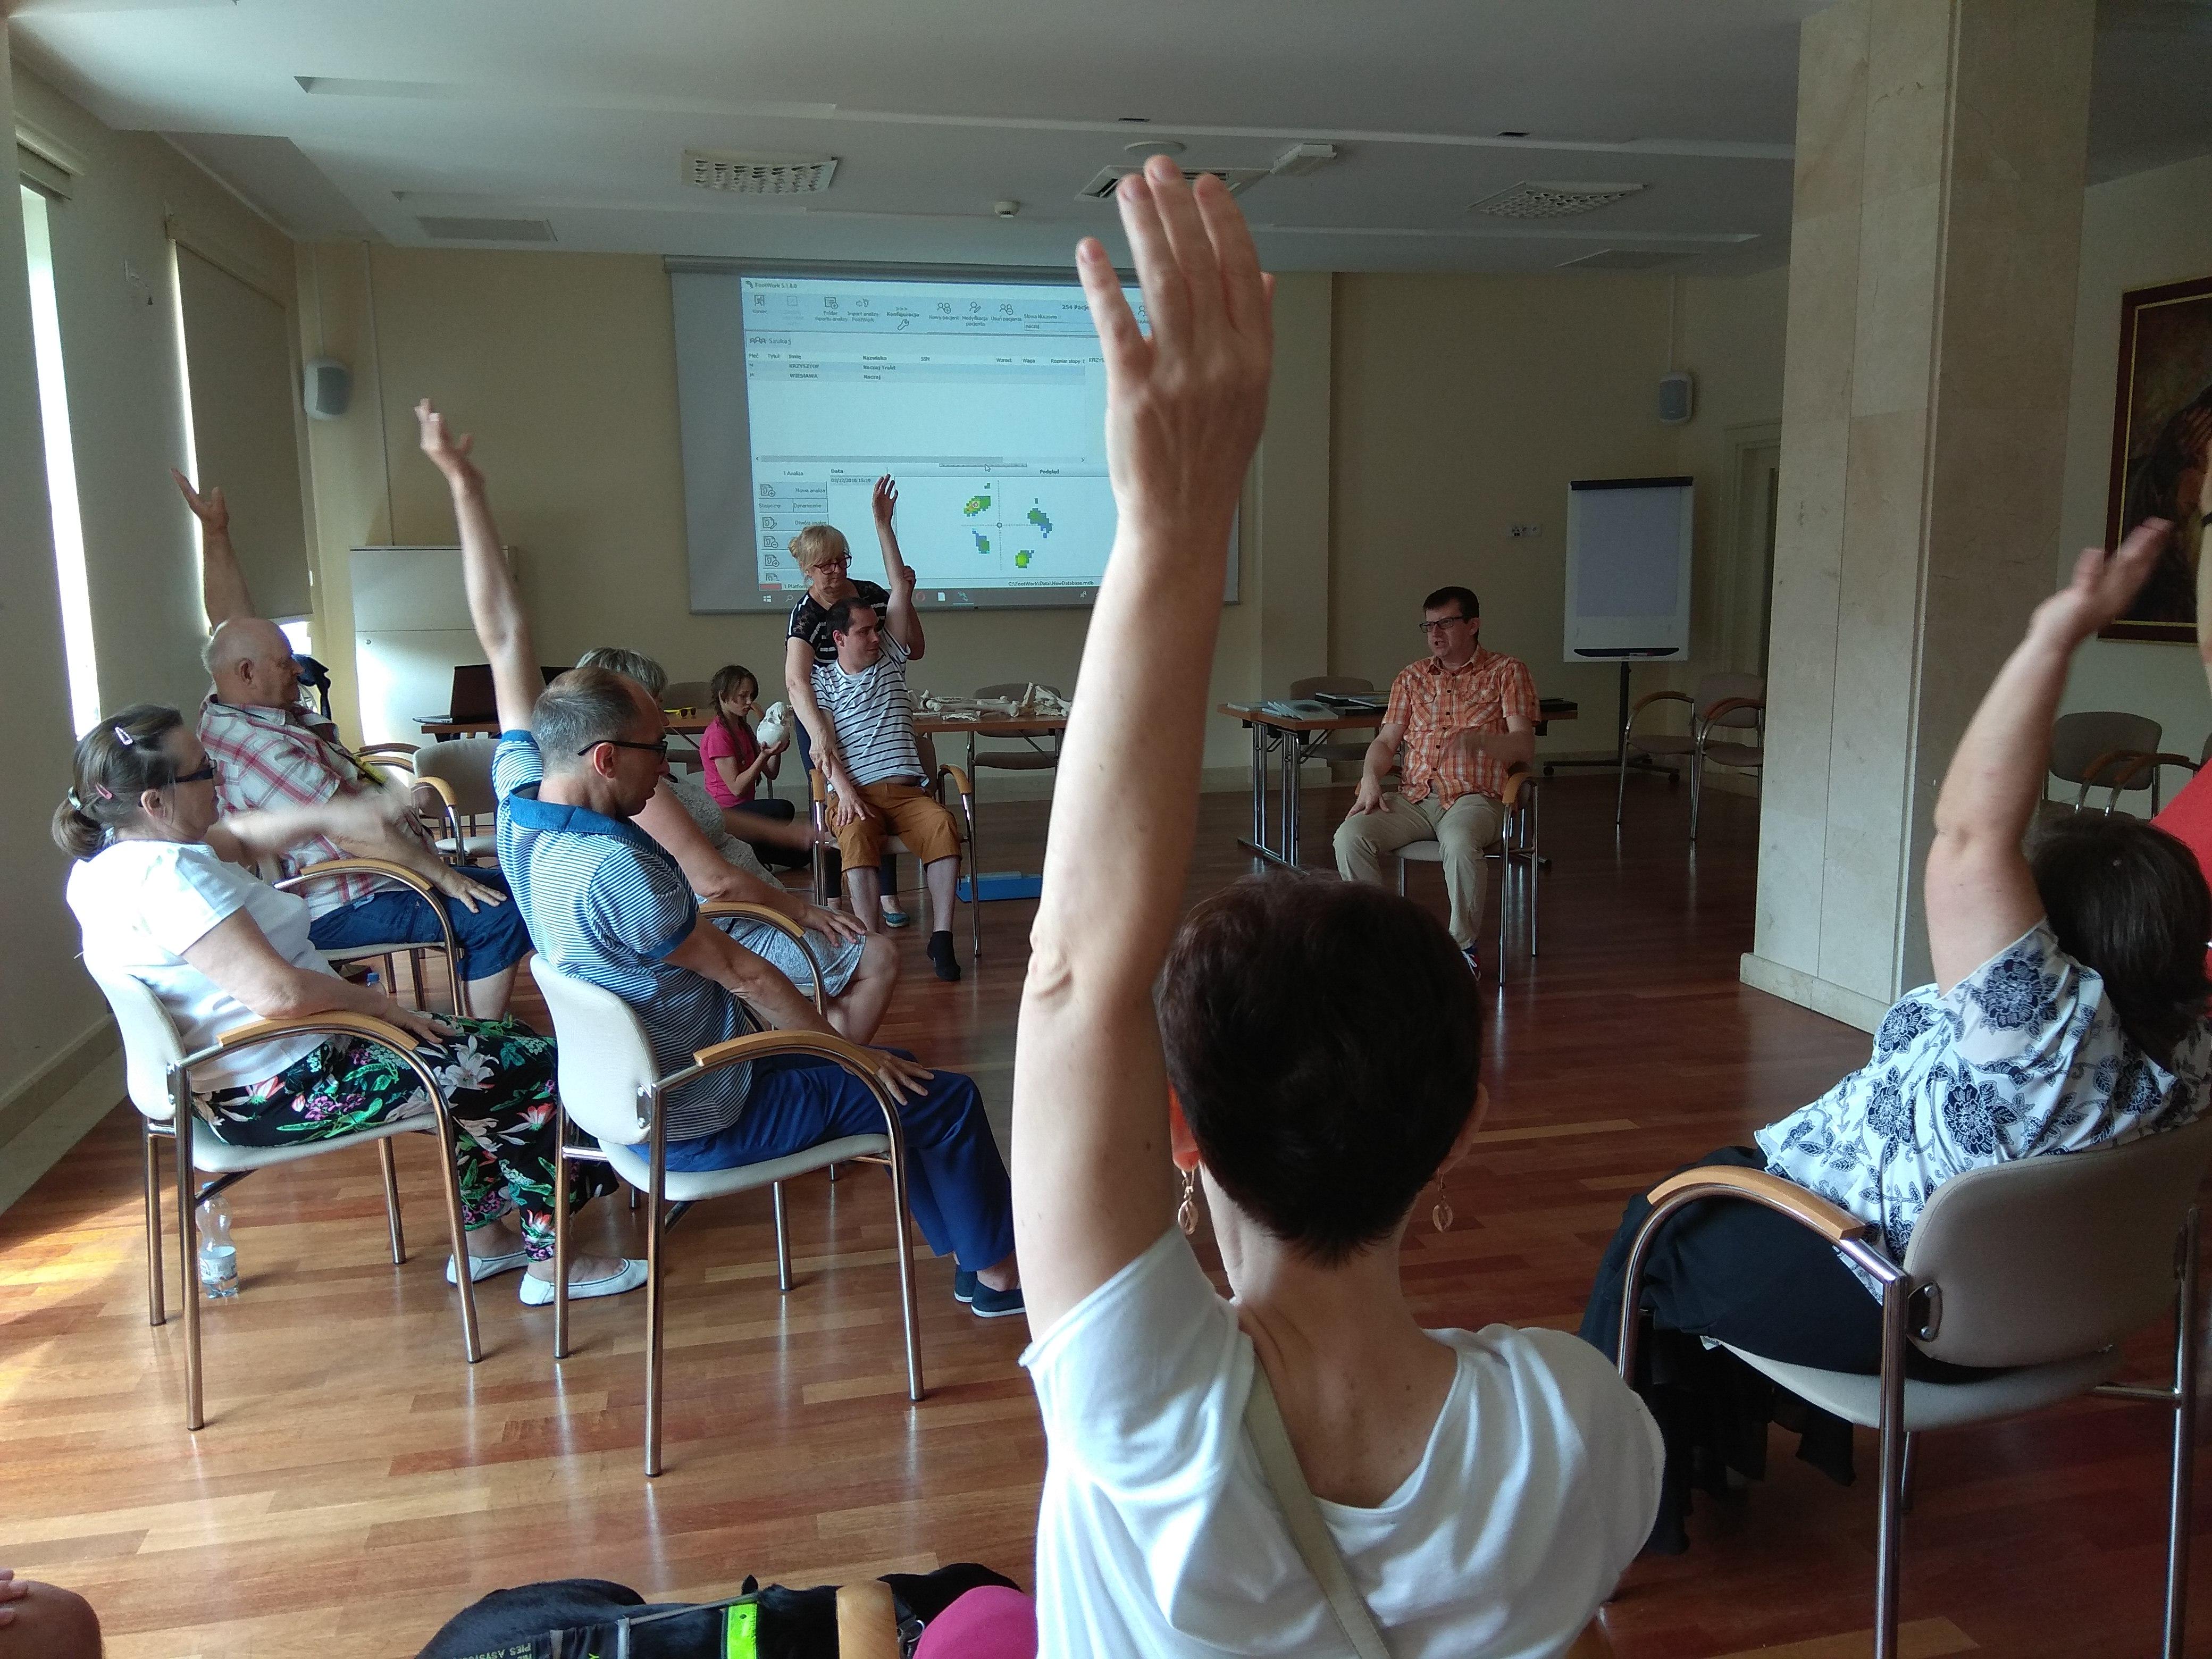 W sali z beżowymi ścianami zjazdowicze wykonują ćwiczenia siedząc na krzesłach ustawionych w luźnym okręgu. Wszyscy w unoszą w górę wyprostowaną lewą rękę.